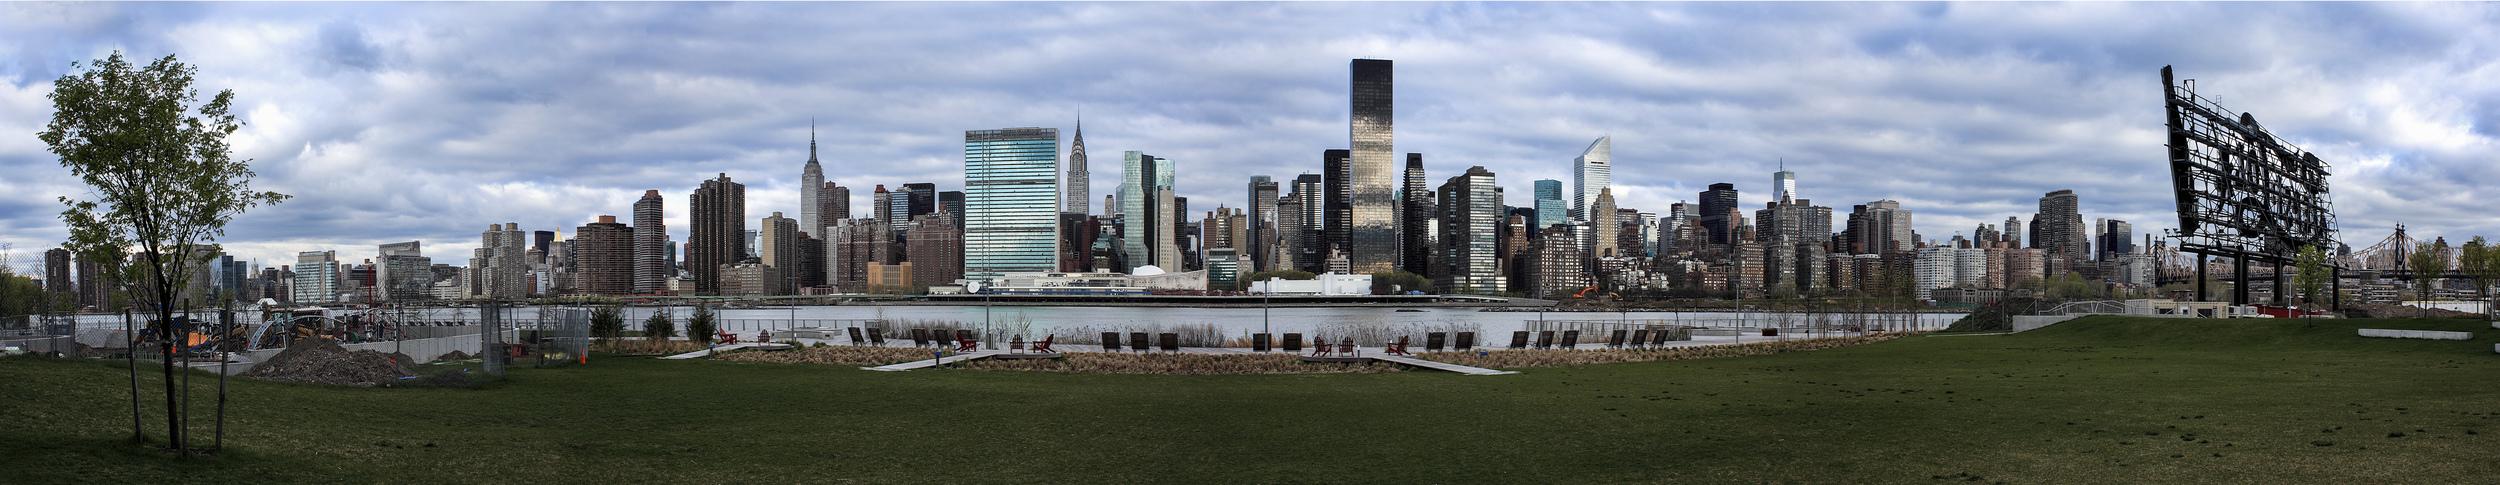 JW_NYC_141010-.jpg